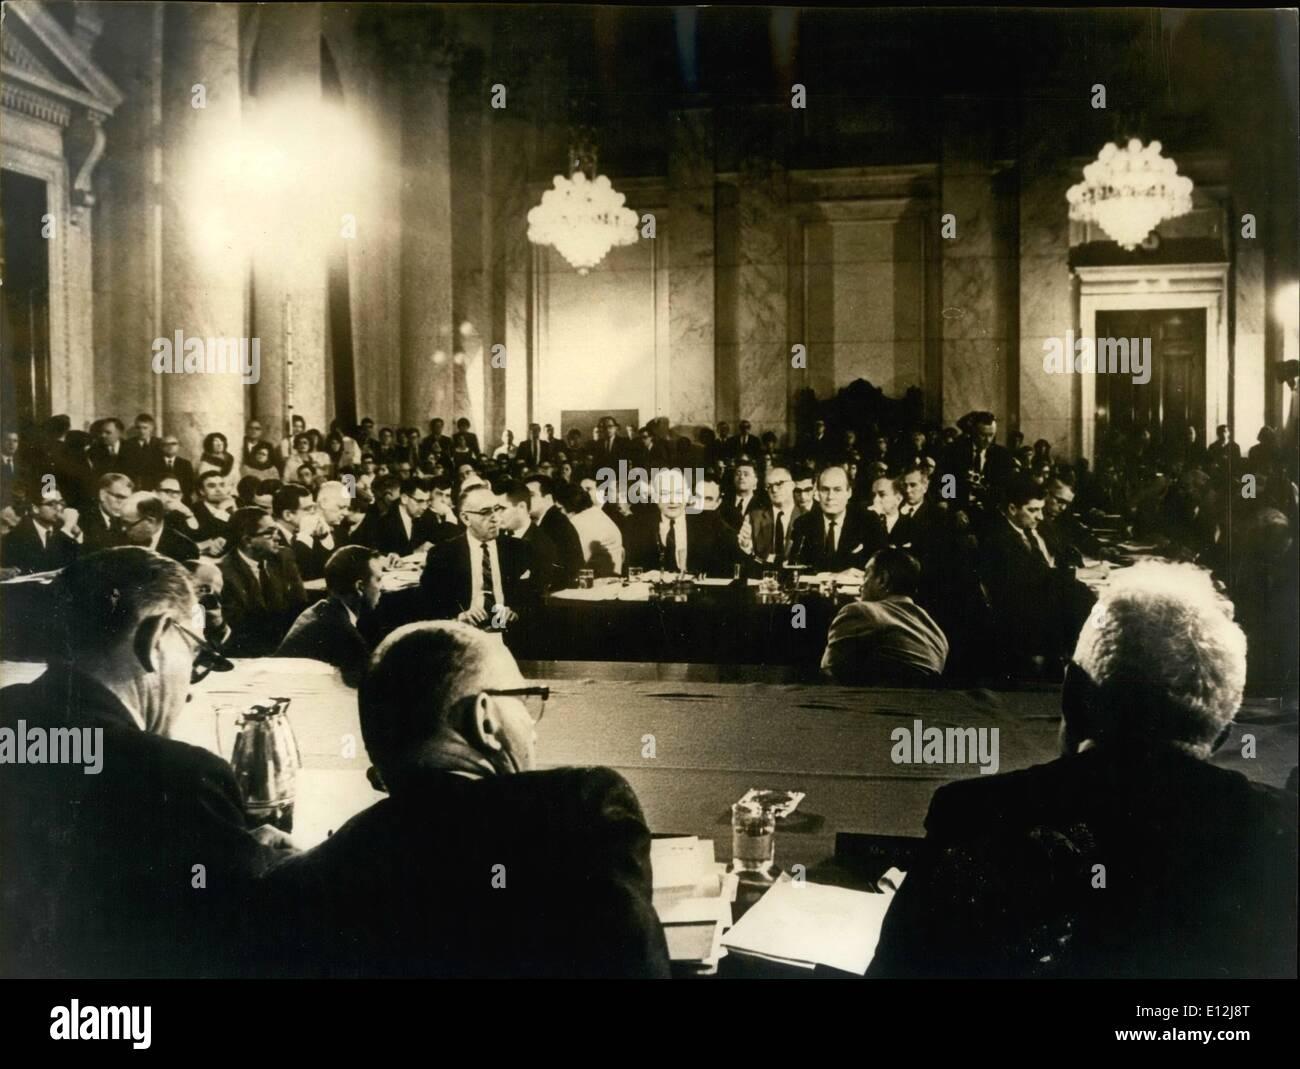 Febbraio 24, 2012 - Relazioni estere udienza a Washington; vista generale del Senato Caucus room come Setary di stato Dean Rusk, Immagini Stock